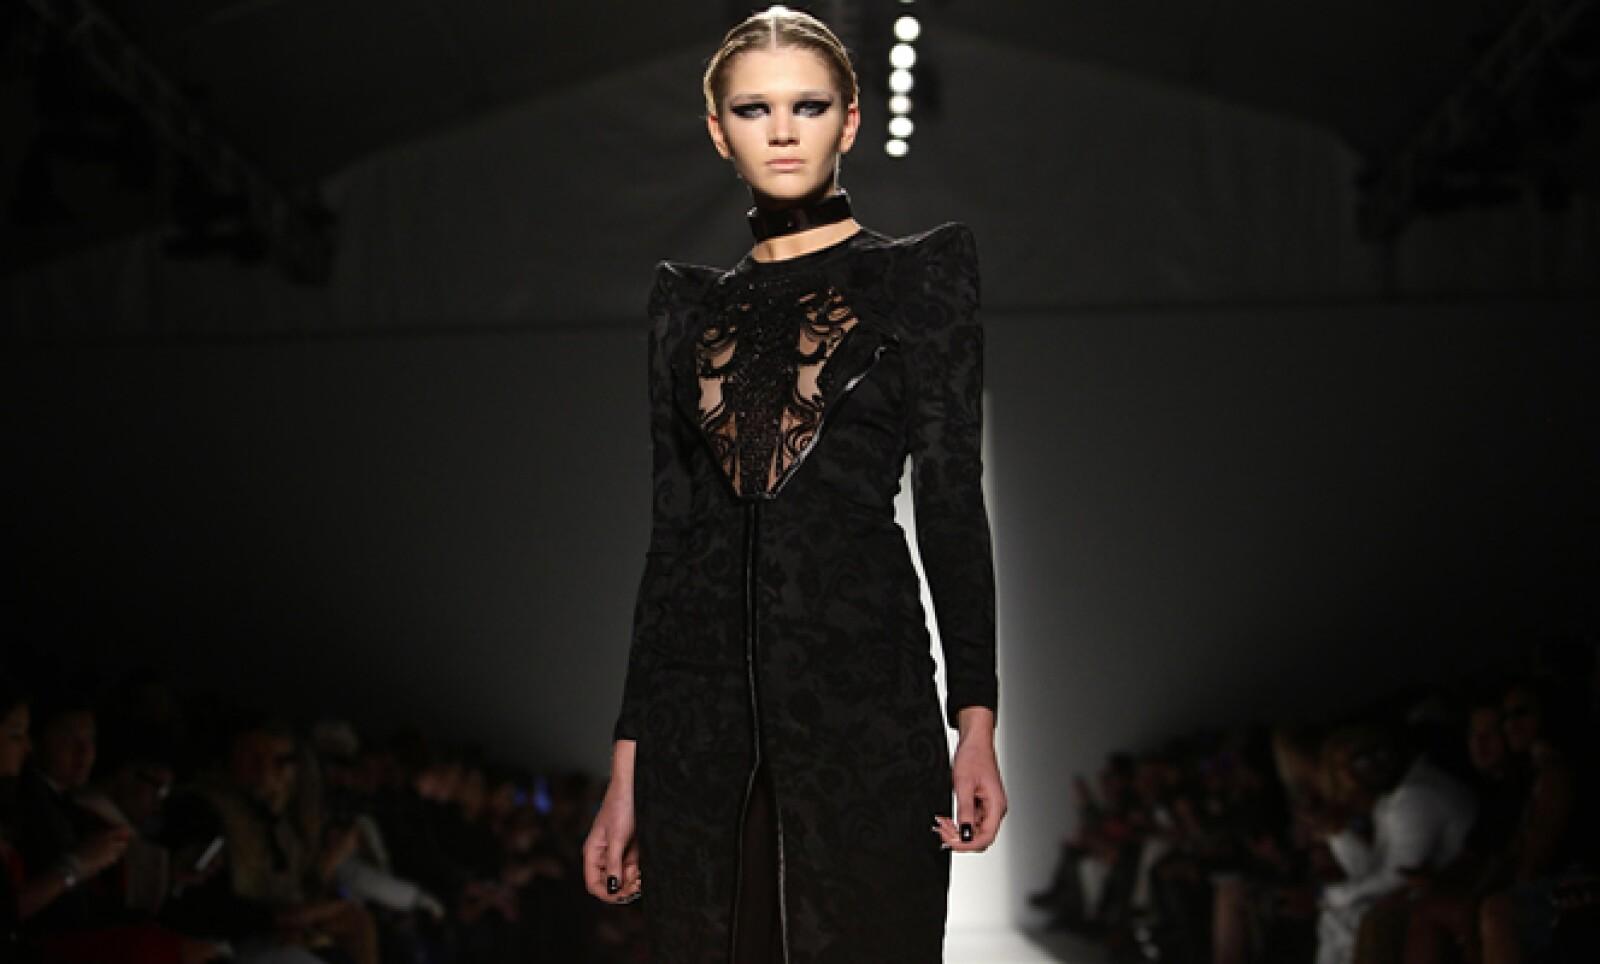 Los estilos clásicos dominaron la Fashion Week de Nueva York. De la colección de Falguni y Shane Peacock.